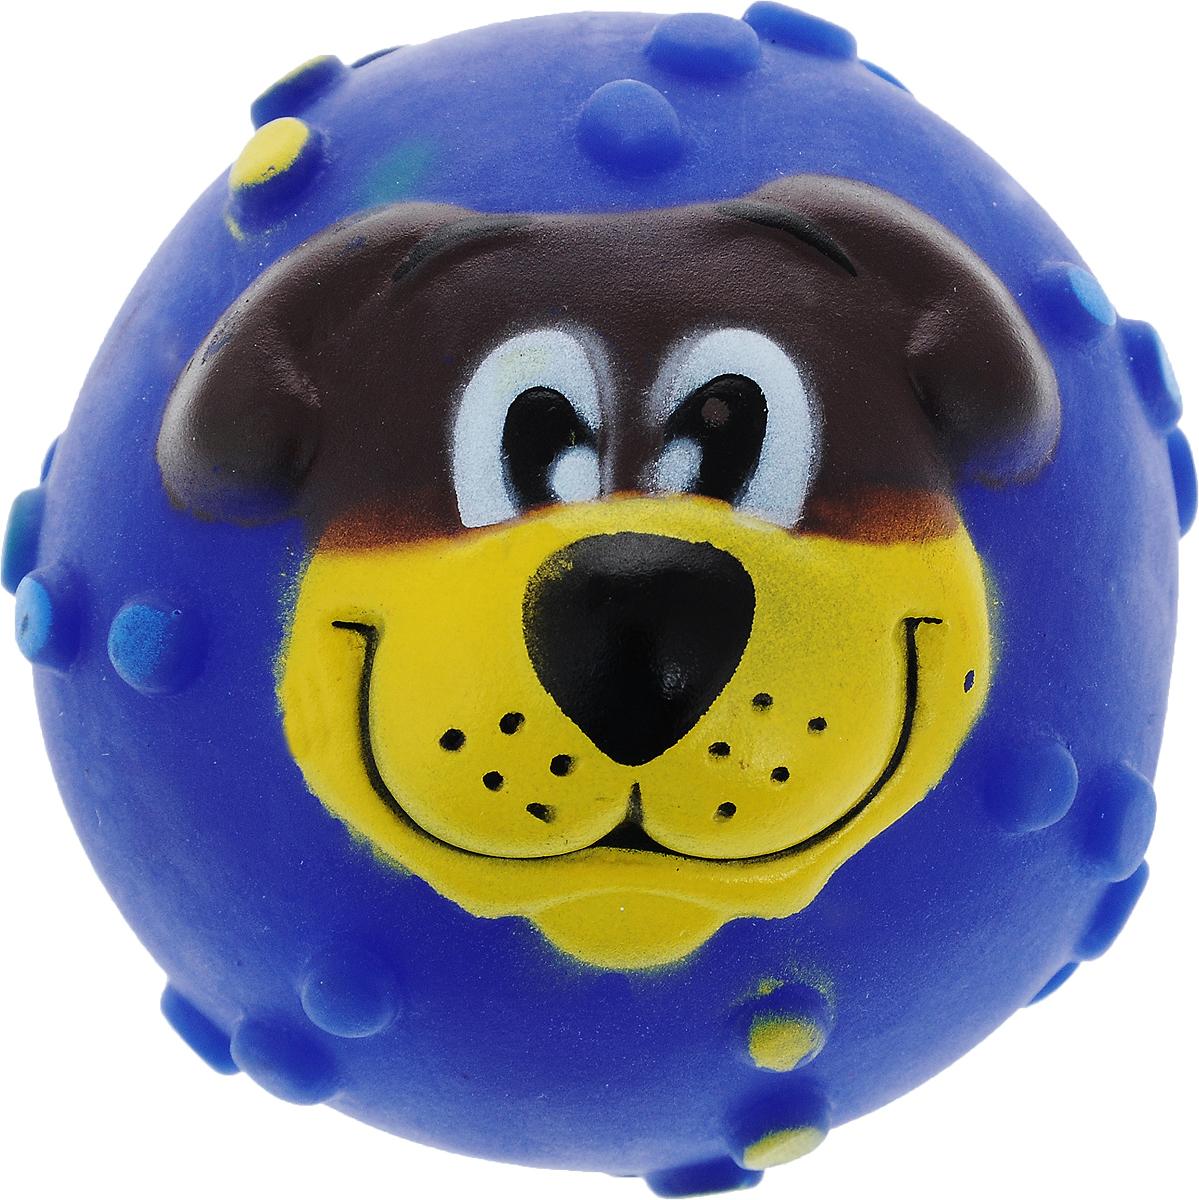 Игрушка для собак Каскад Мячик с мордочкой, с пищалкой, цвет: синий, диаметр 7 см27799273_синийИгрушка Каскад Мячик с мордочкой изготовлена из прочной и долговечной резины, устойчивой к разгрызанию. Необычная и забавная игрушка прекрасно подойдет для собак, любящих игрушки с пищалками. Такая игрушка порадует вашего любимца, а вам доставит массу приятных эмоций, ведь наблюдать за игрой всегда интересно и приятно. Диаметр: 7 см.